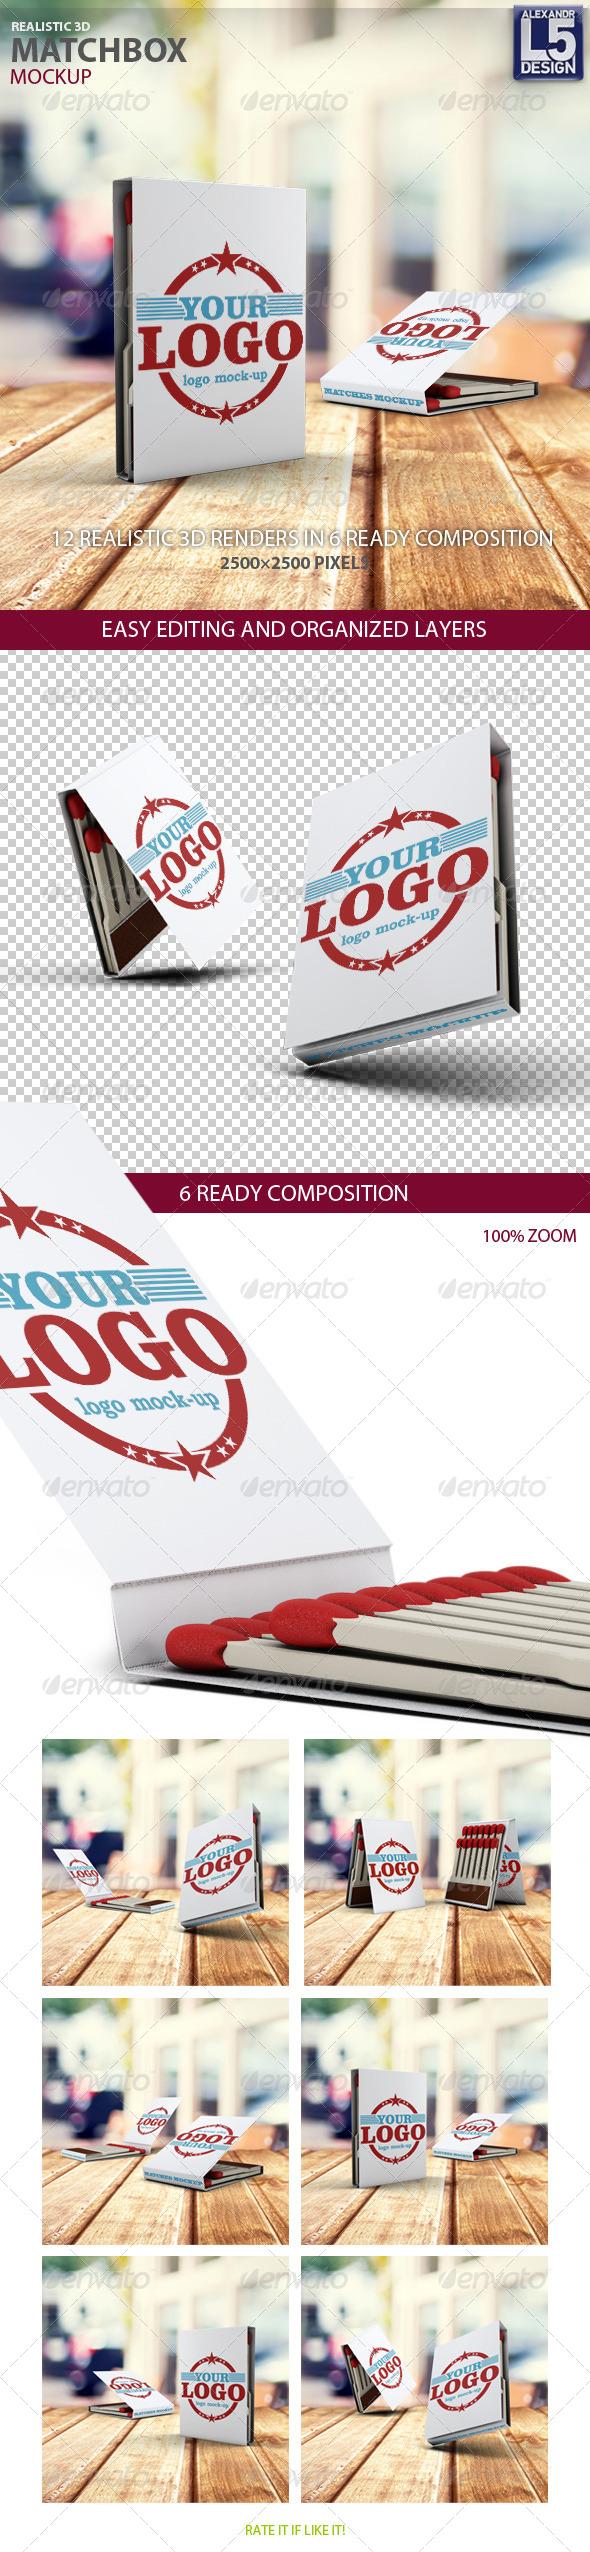 GraphicRiver Matchbook Mockup 8172036